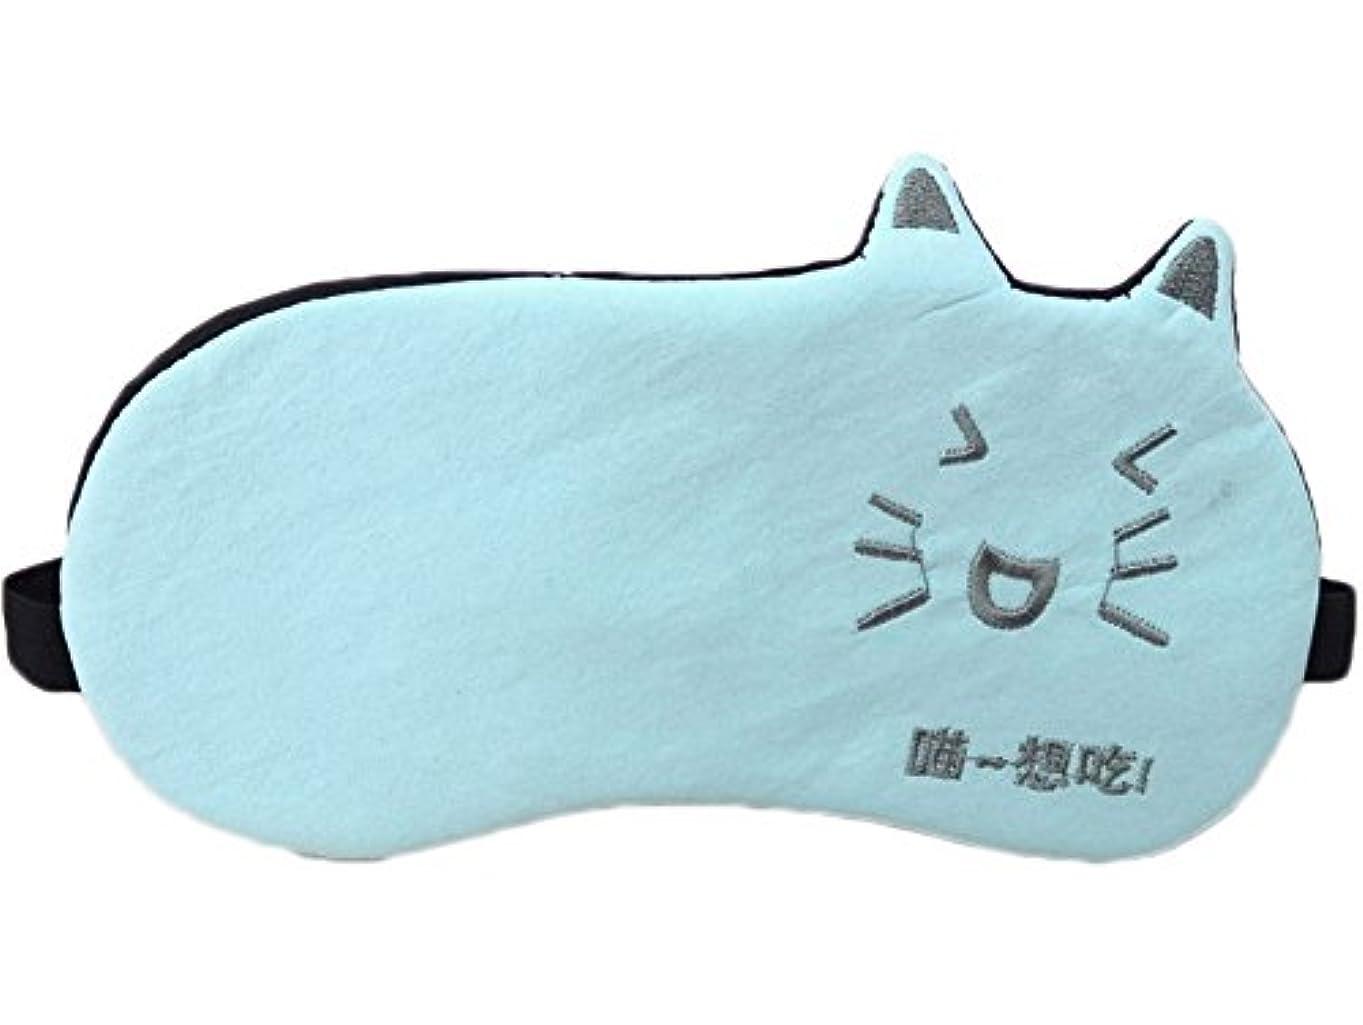 ベーコン福祉推進、動かすかわいい漫画のデザインアイマスク睡眠飛行機の旅行シフト作業のためのマスク、#04